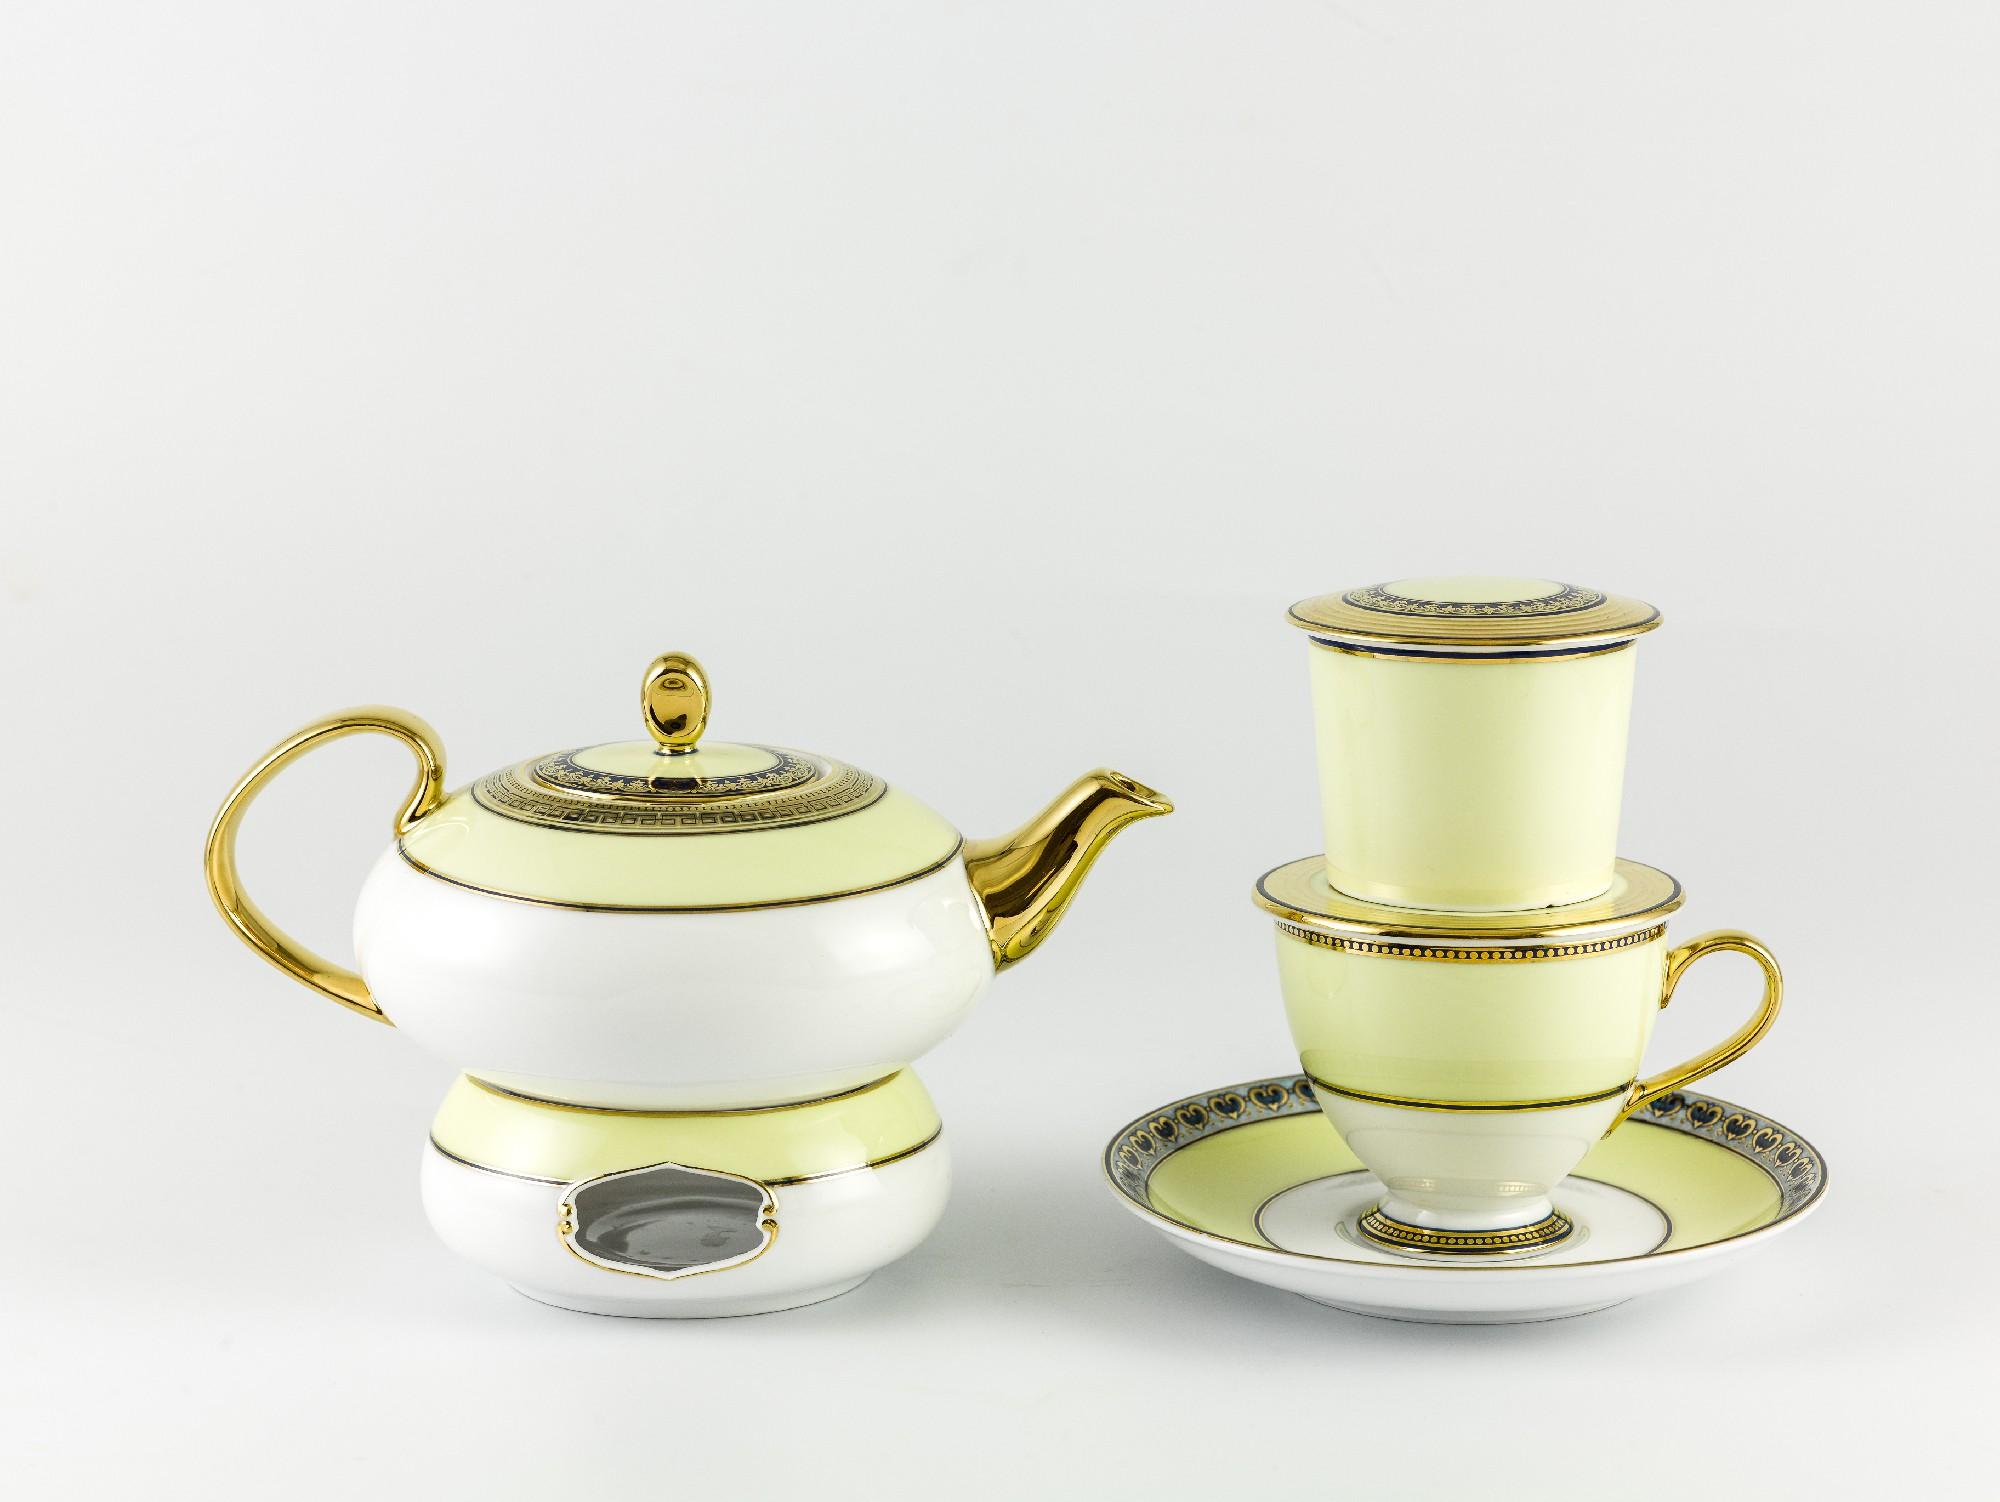 Khám phá những sản phẩm gốm sứ Việt sáng tạo, khác biệt - Ảnh 2.